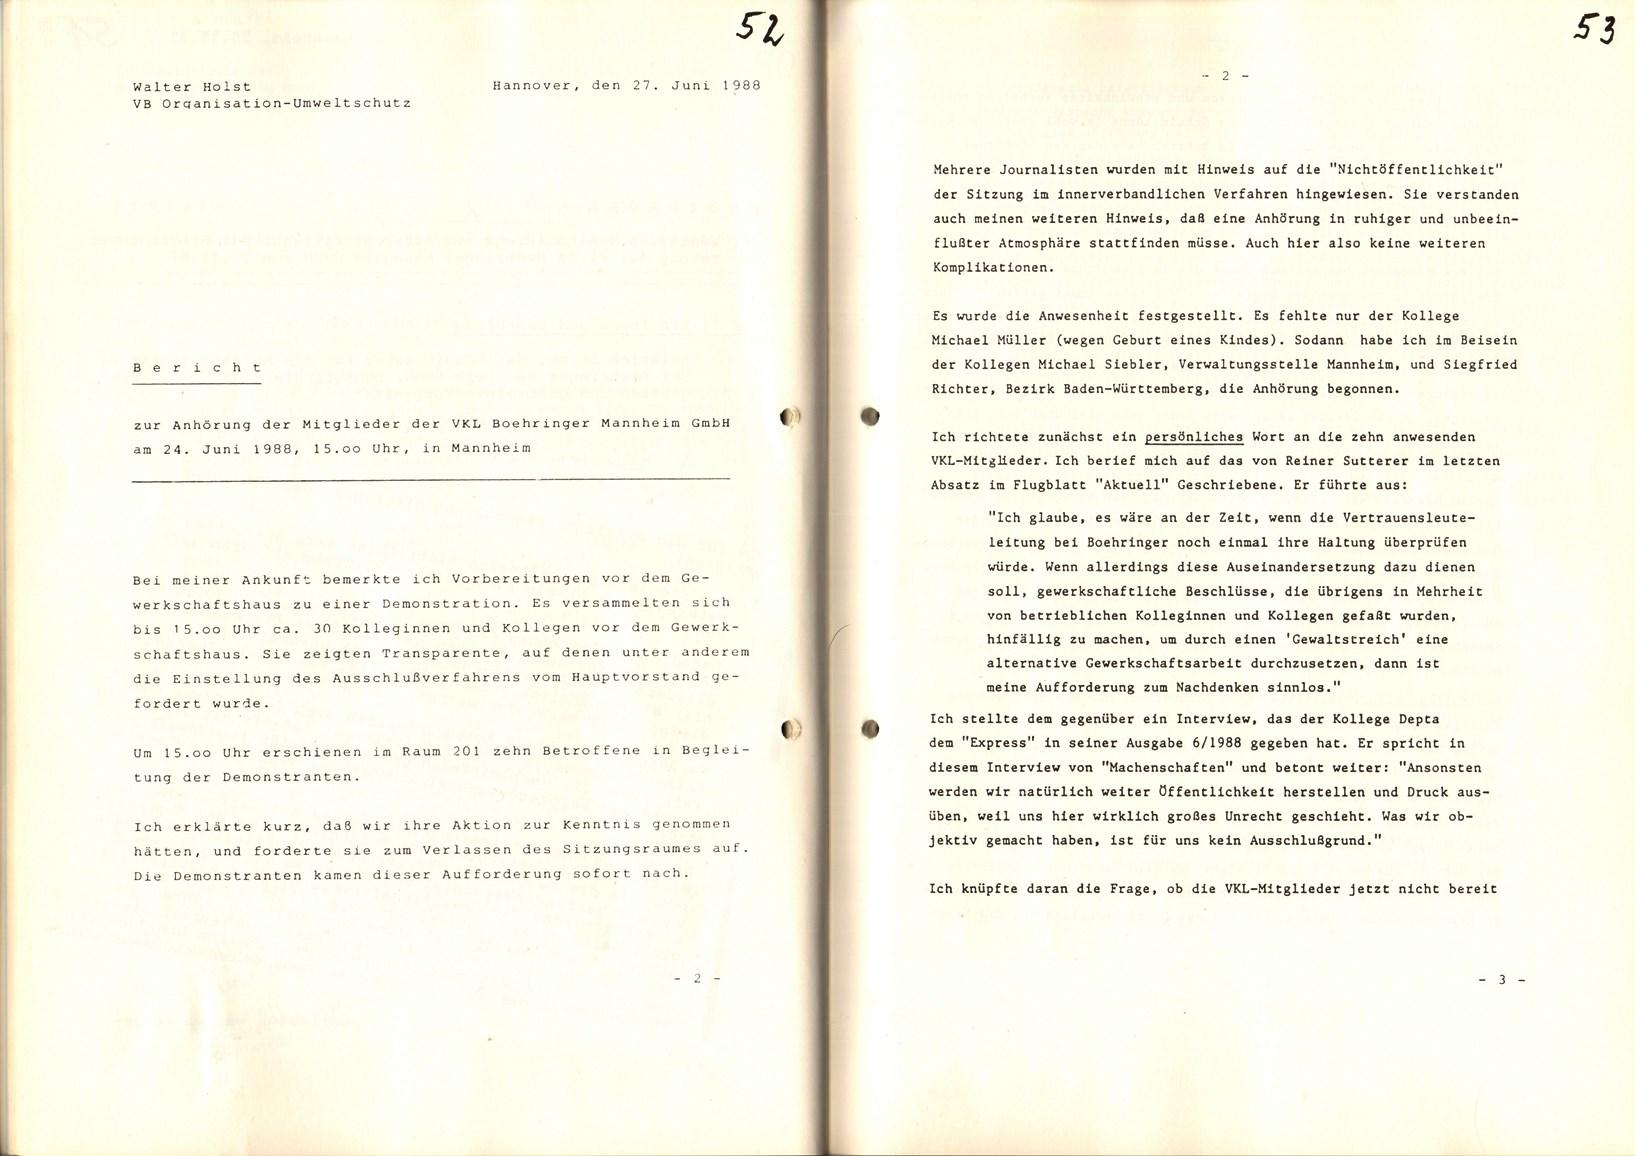 Mannheim_Boehringer_Ausschluss_VKL_Doku1_1988_50